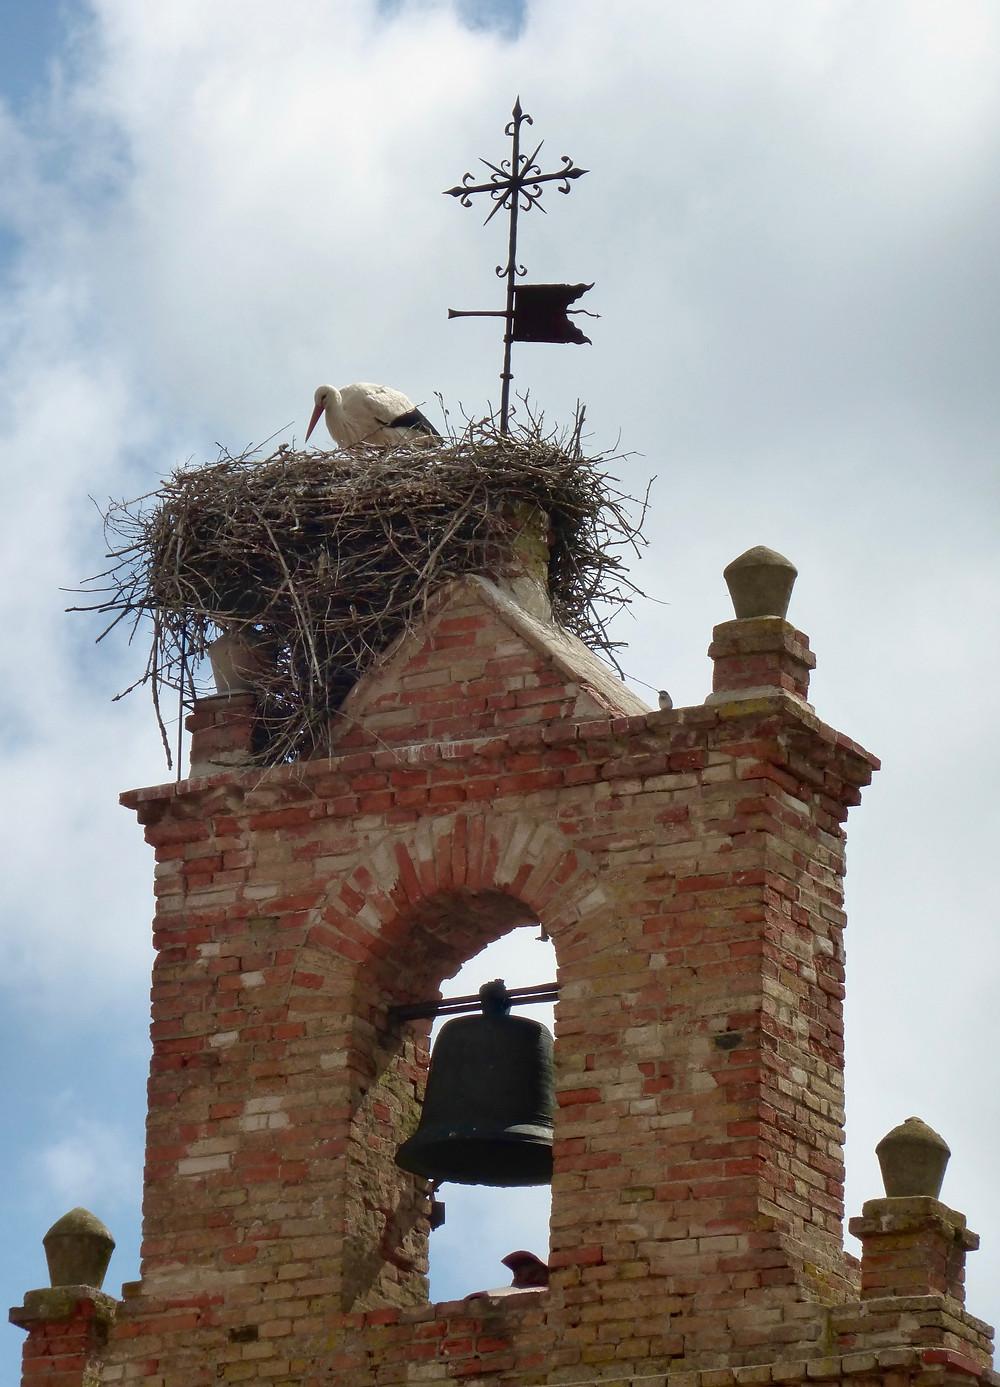 Stork nest, Spanish bell tower